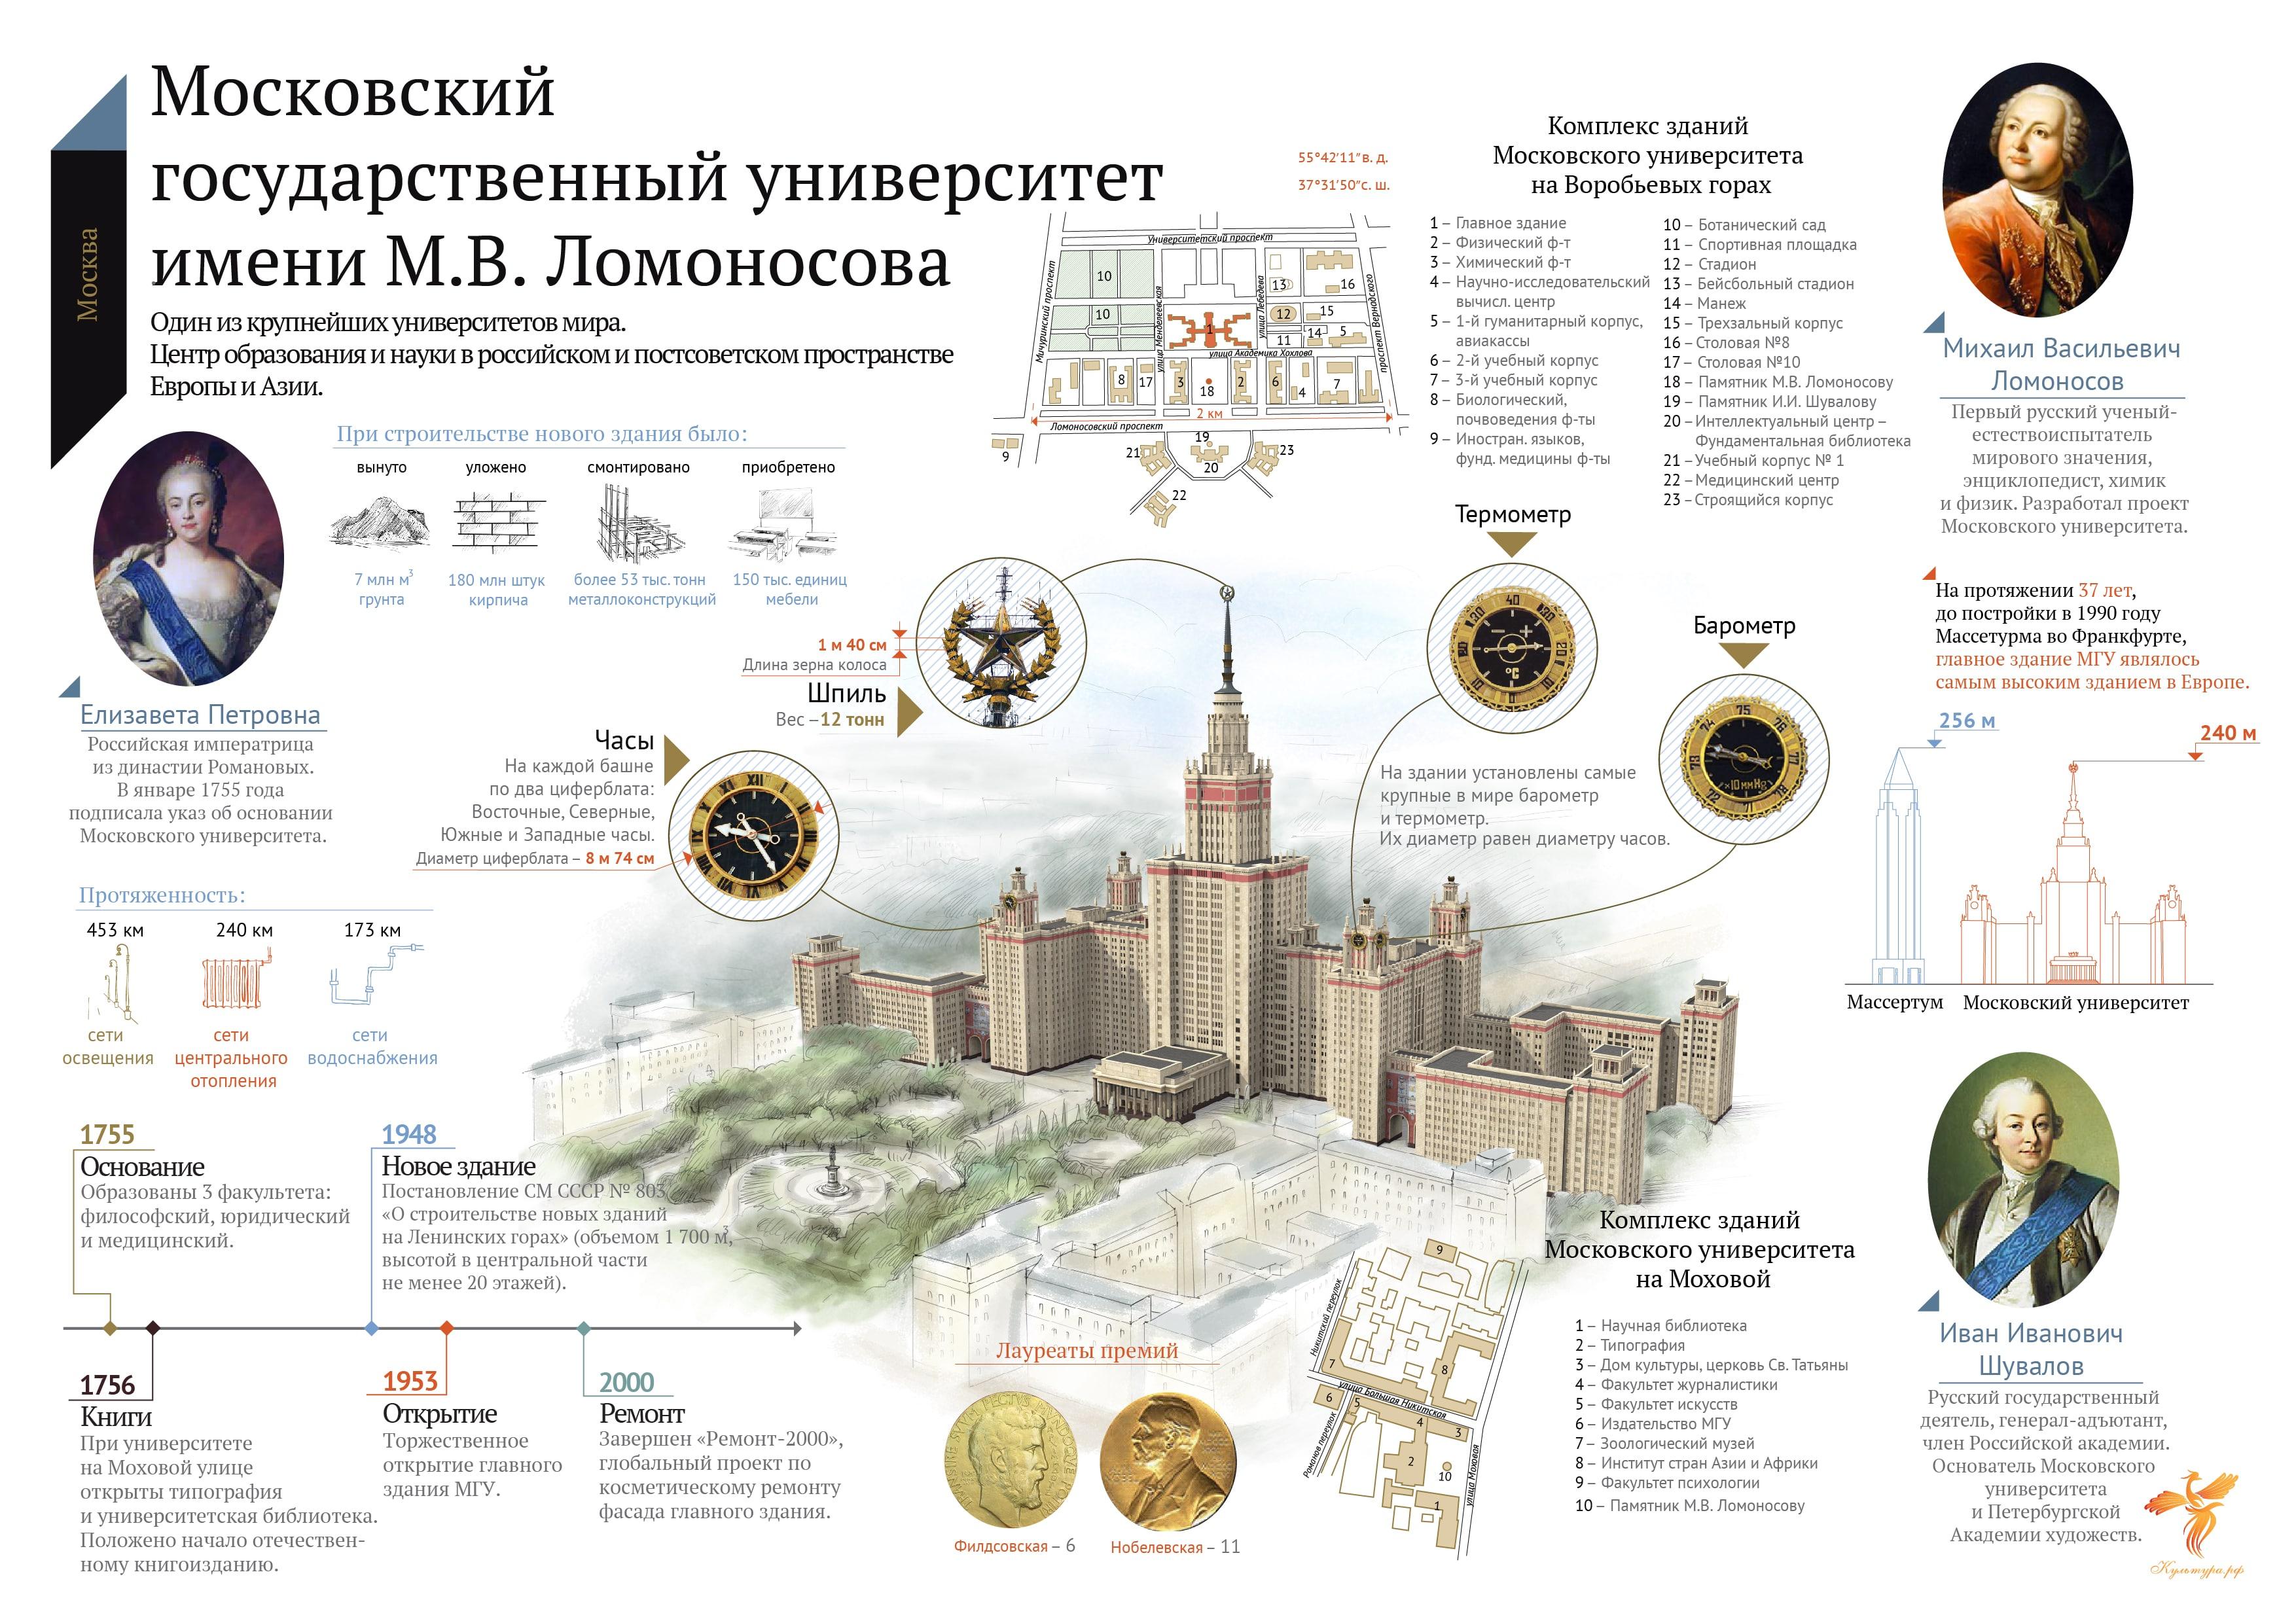 Инфографика МГУ. Источник культура.рф